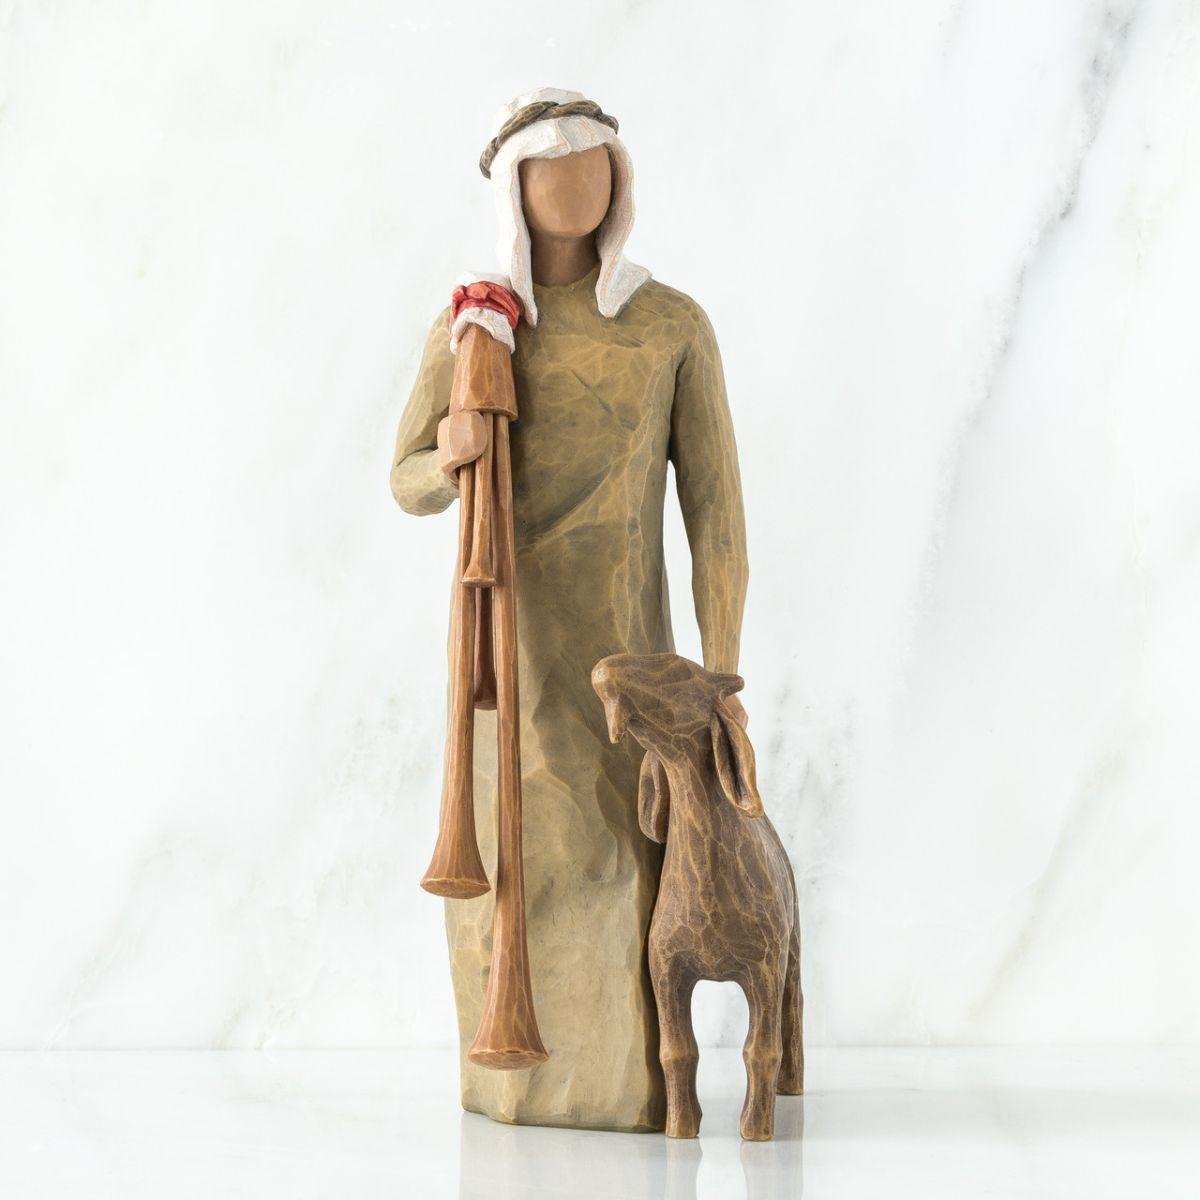 ウィローツリー  【Zampognaro】 - 伝令(バグパイプをもつ羊飼い)